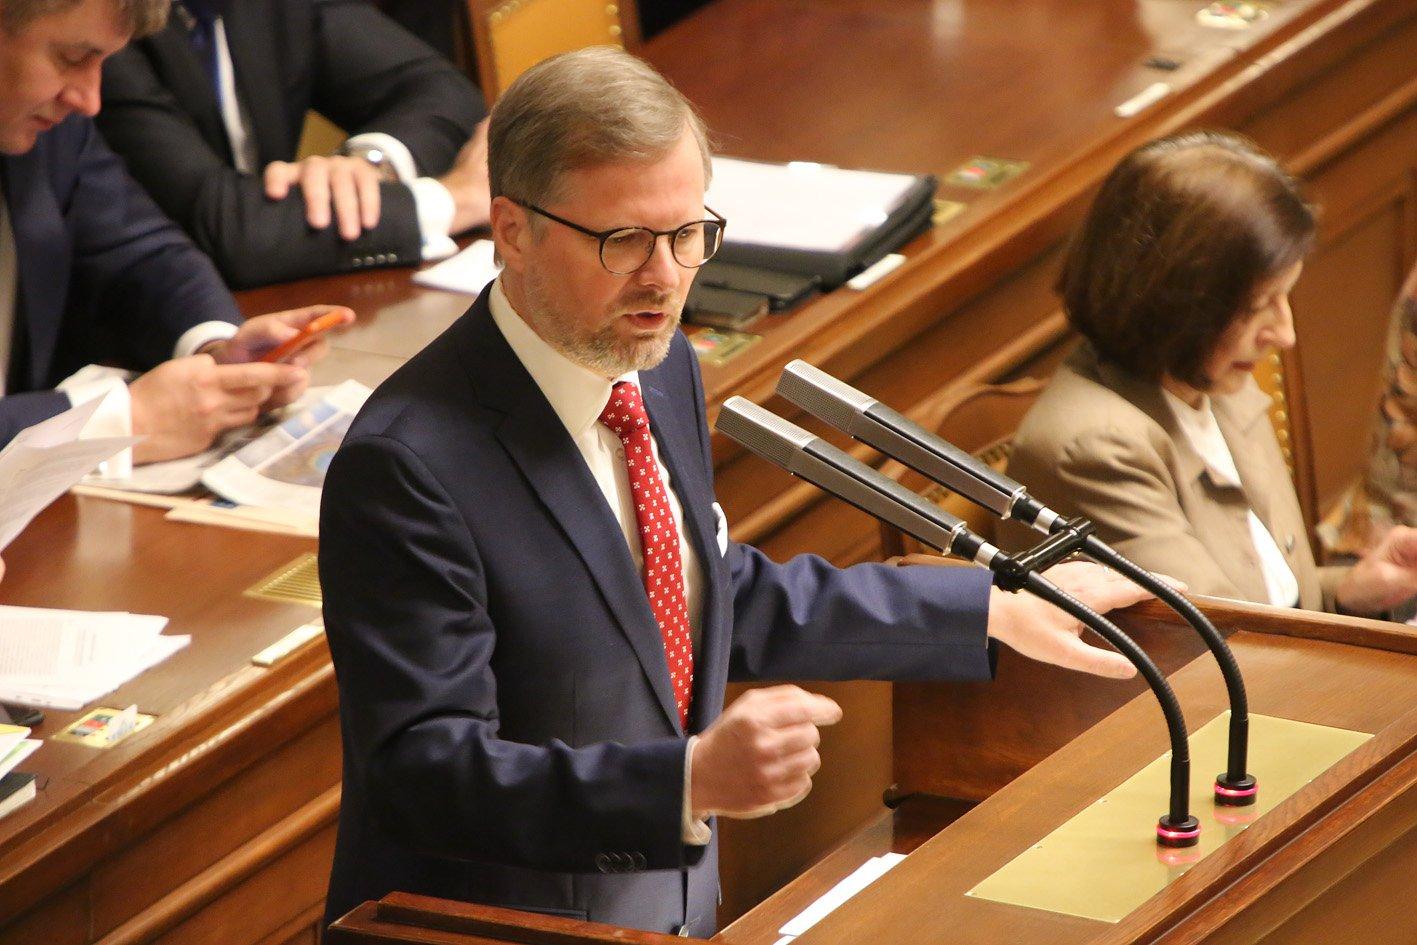 Petr Fiala: Projev na mimořádné schůzi Poslanecké sněmovny k návrhu na vyslovení nedůvěry vládě